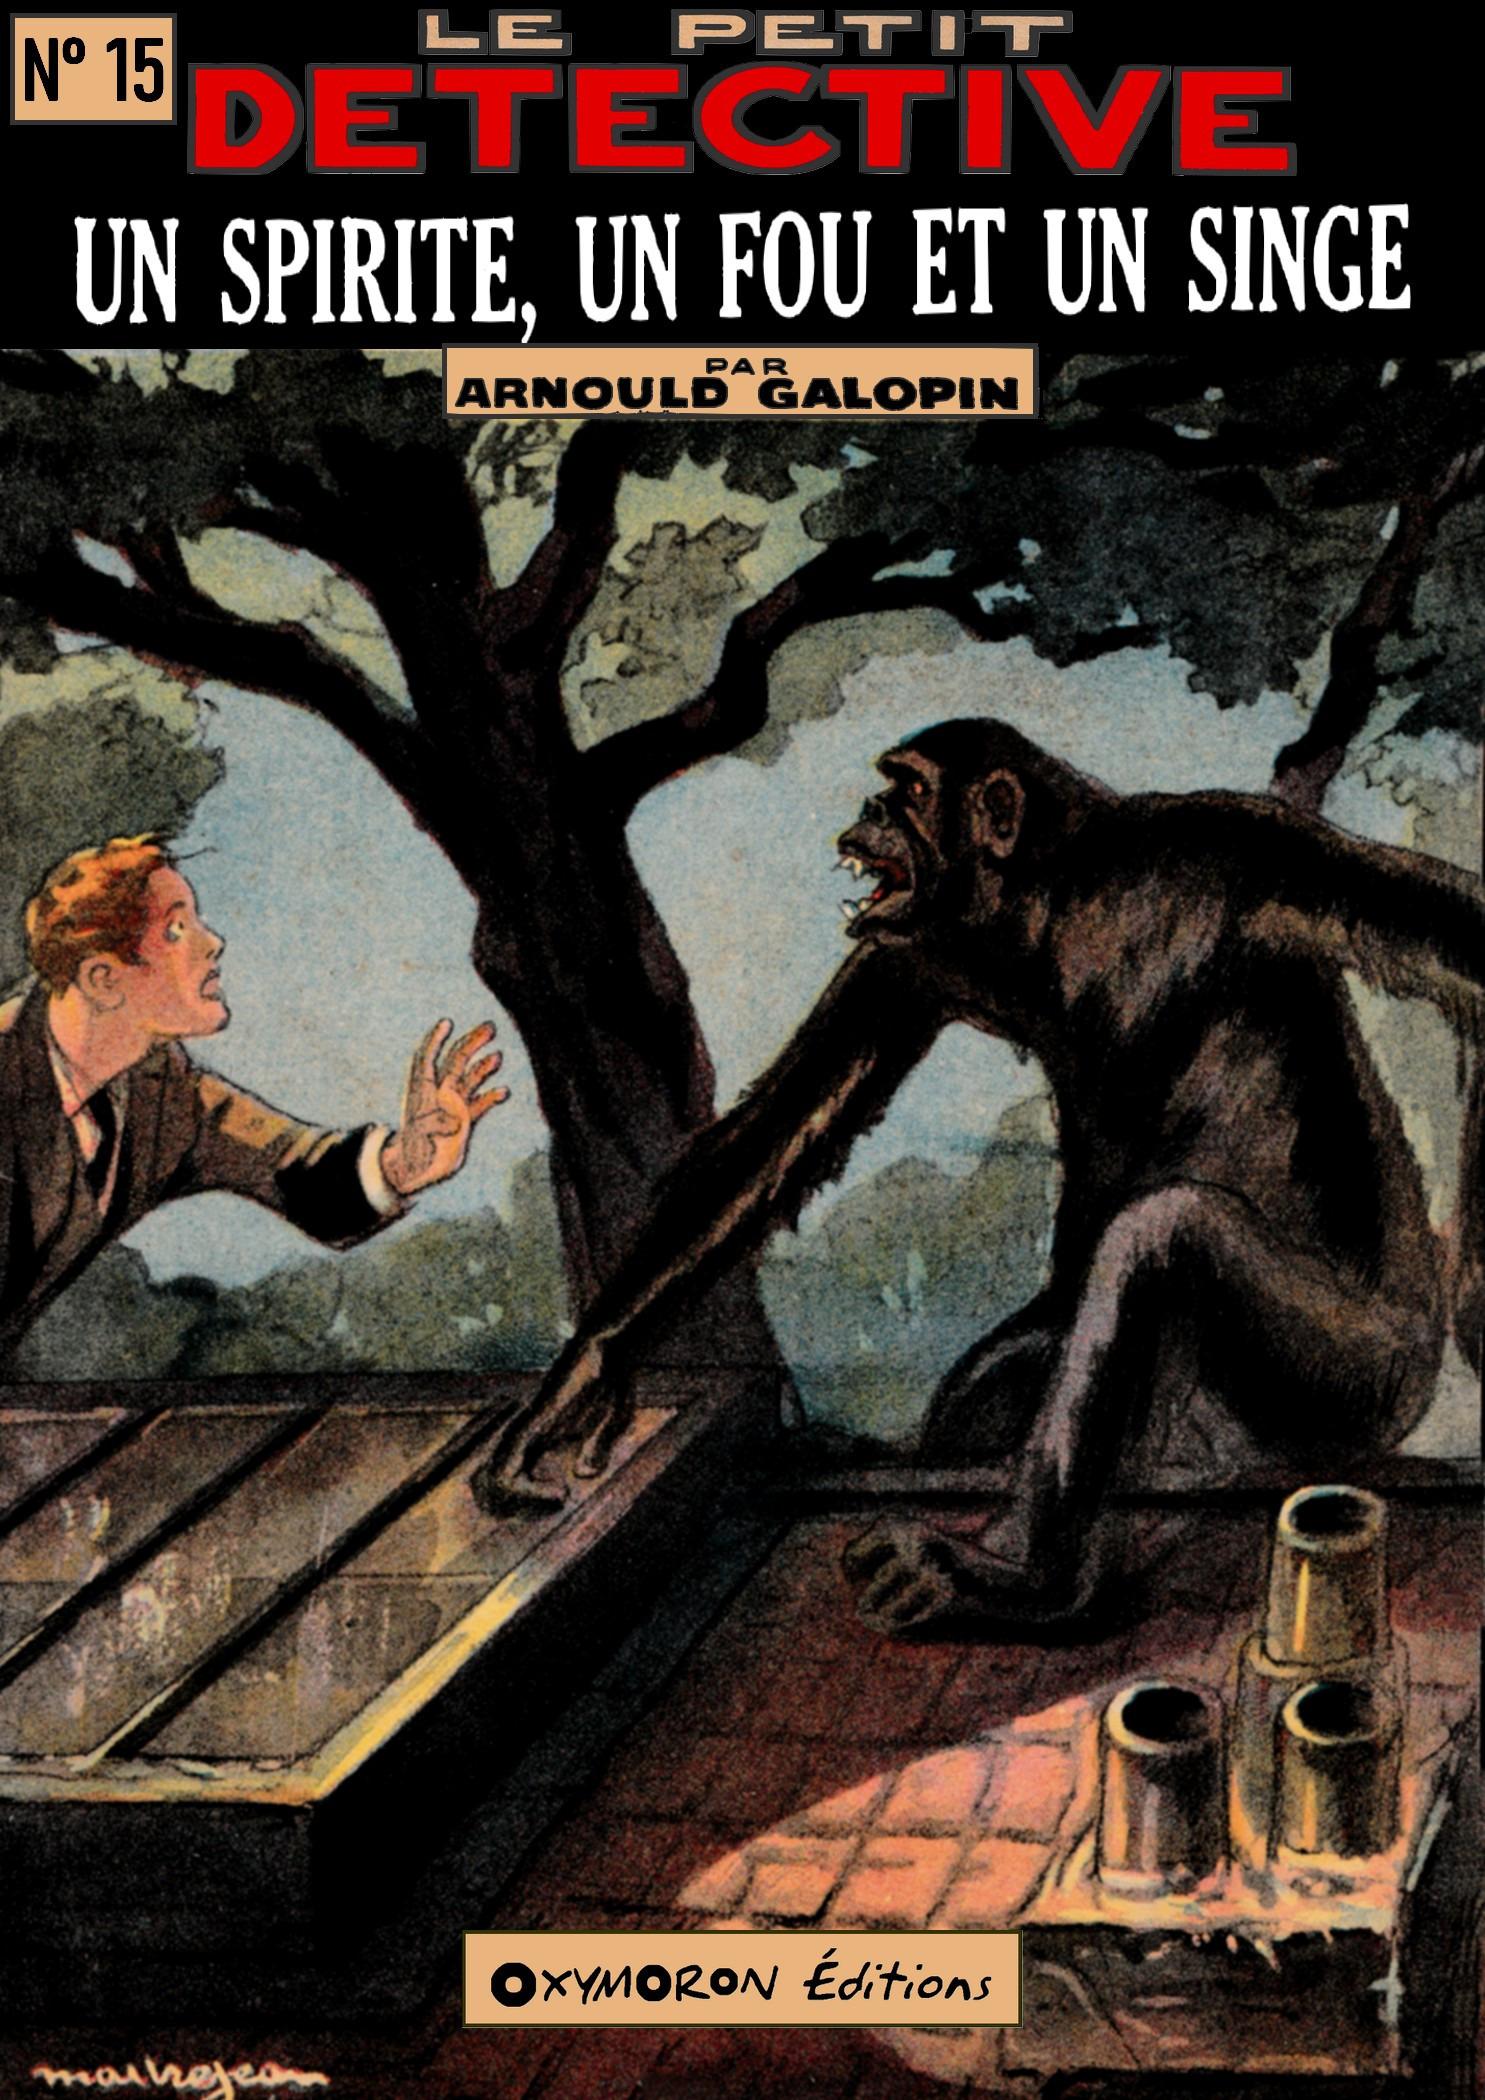 Un spirite, un fou et un singe